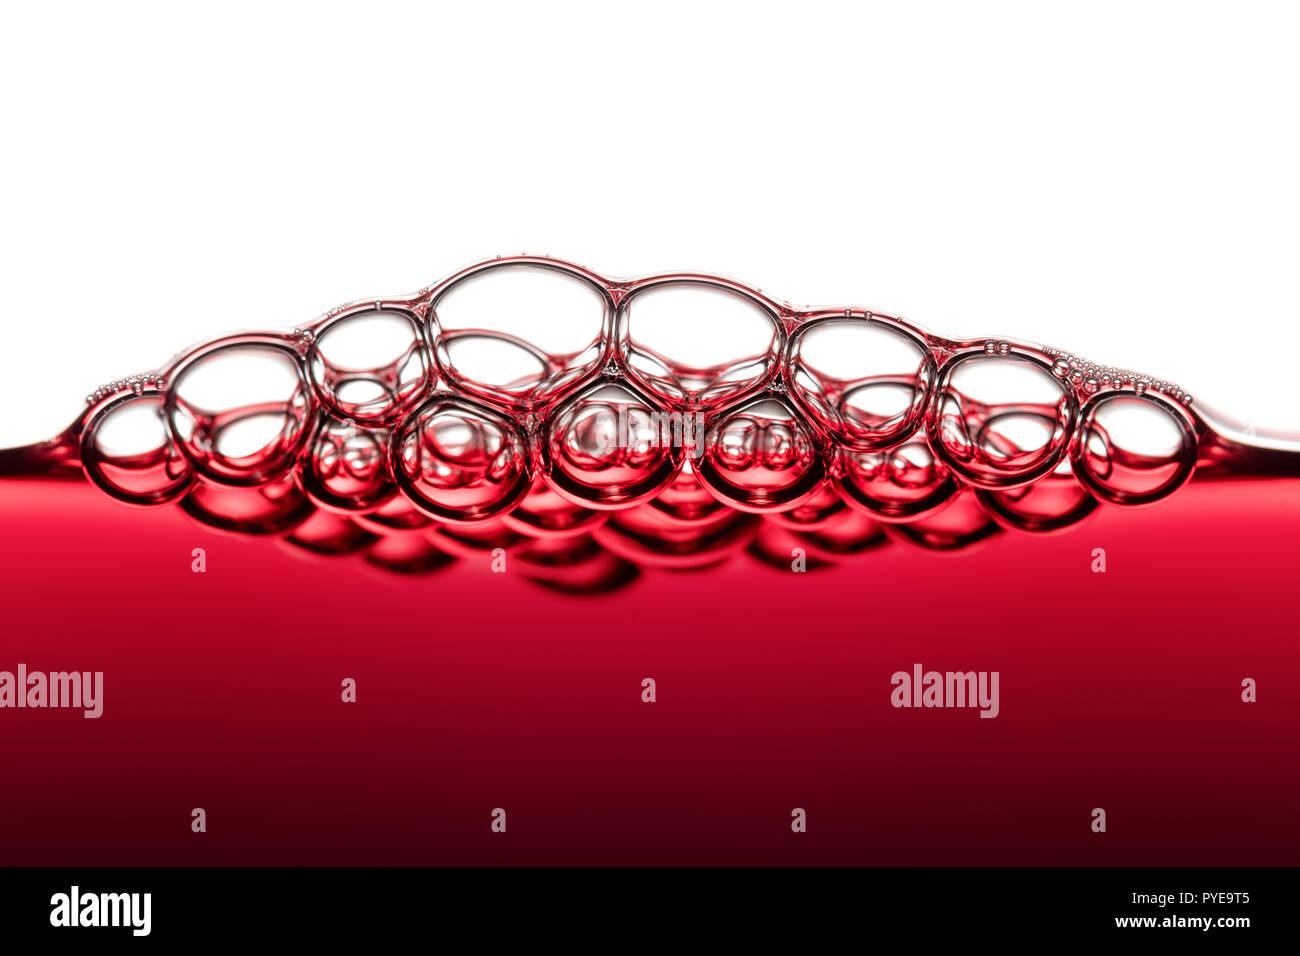 Abstrakte Food Art Muster von Rotwein Blasen fotografiert Close-up vor weißem Hintergrund Stockfoto